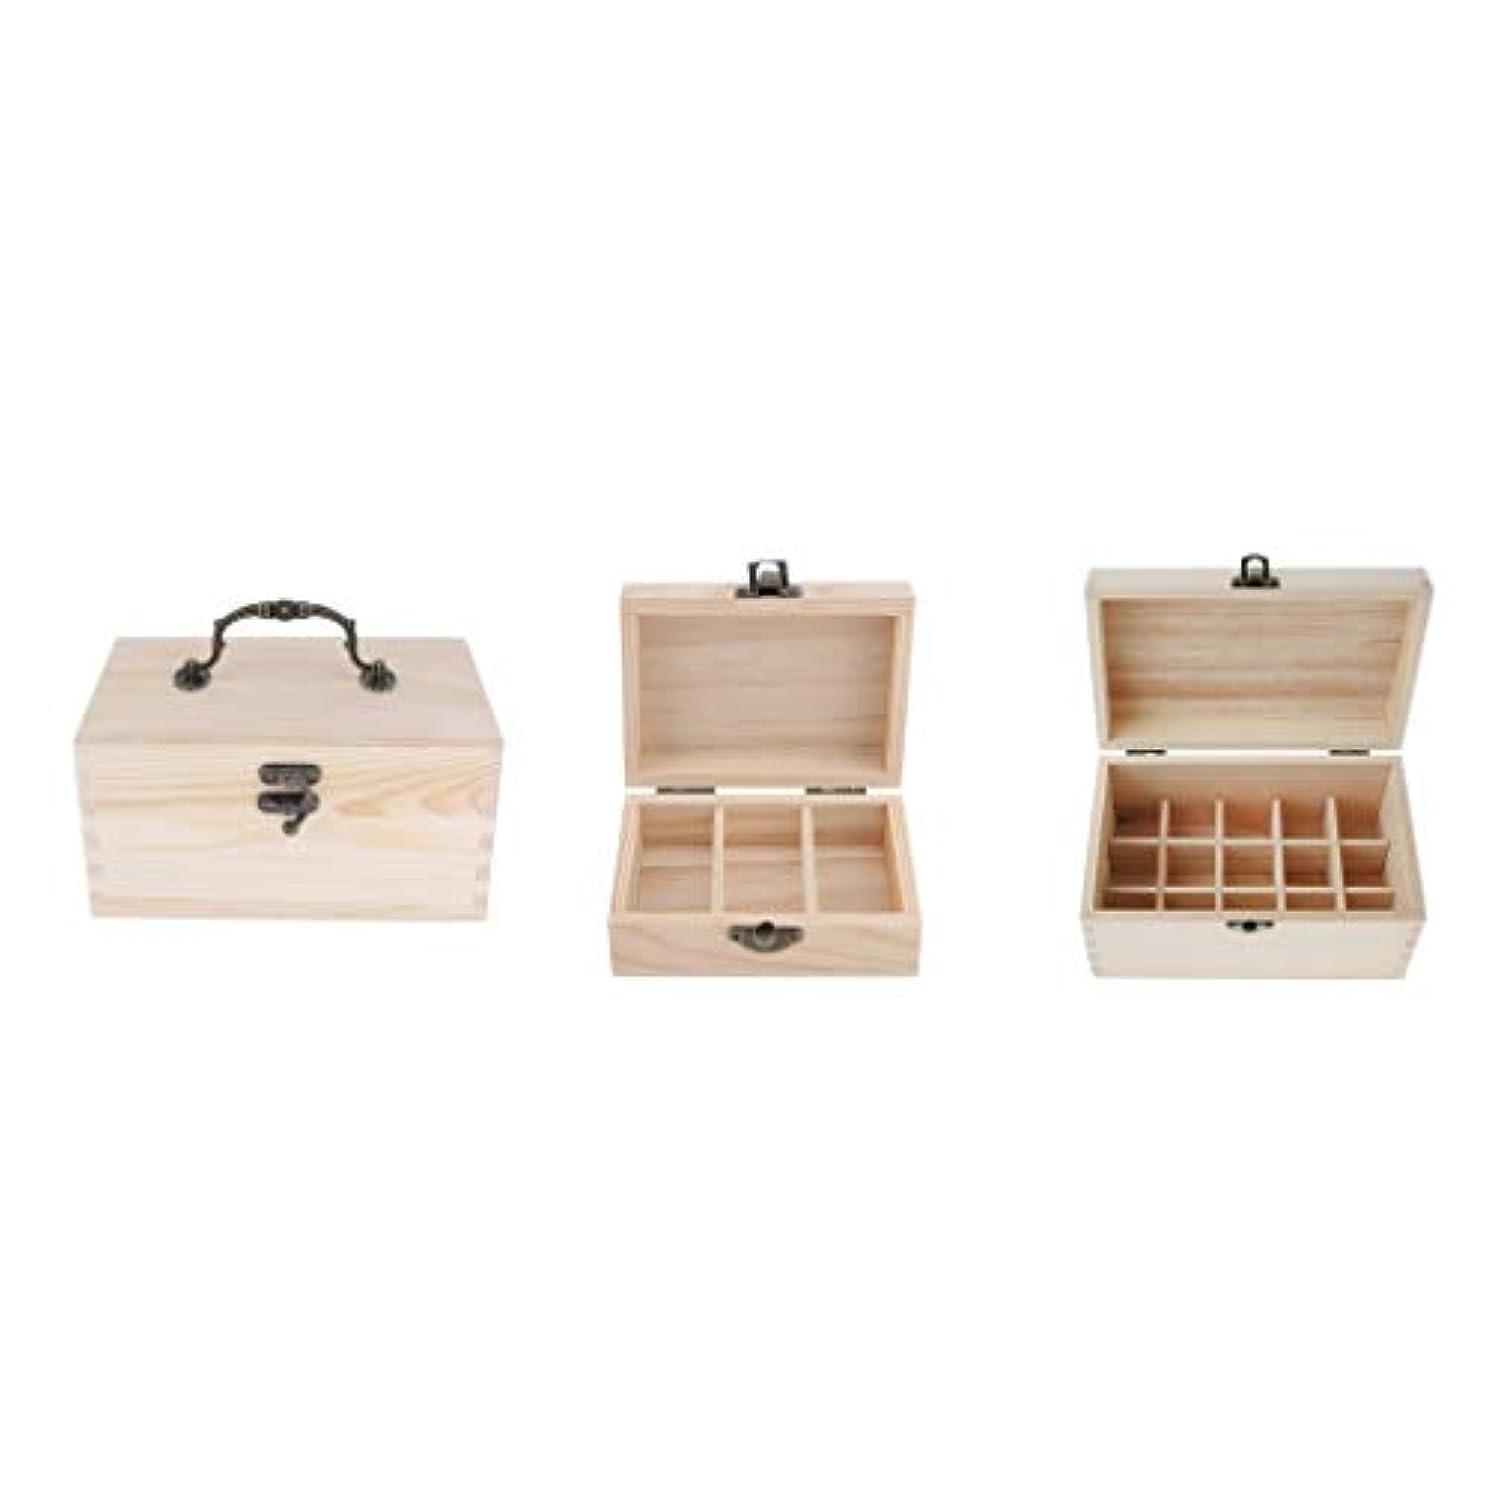 免除するリハーサル迷彩Prettyia エッセンシャルオイル収納ボックス 精油収納ケース 超大容量 木製 精油収納 香水収納ケース 携帯用 3個入